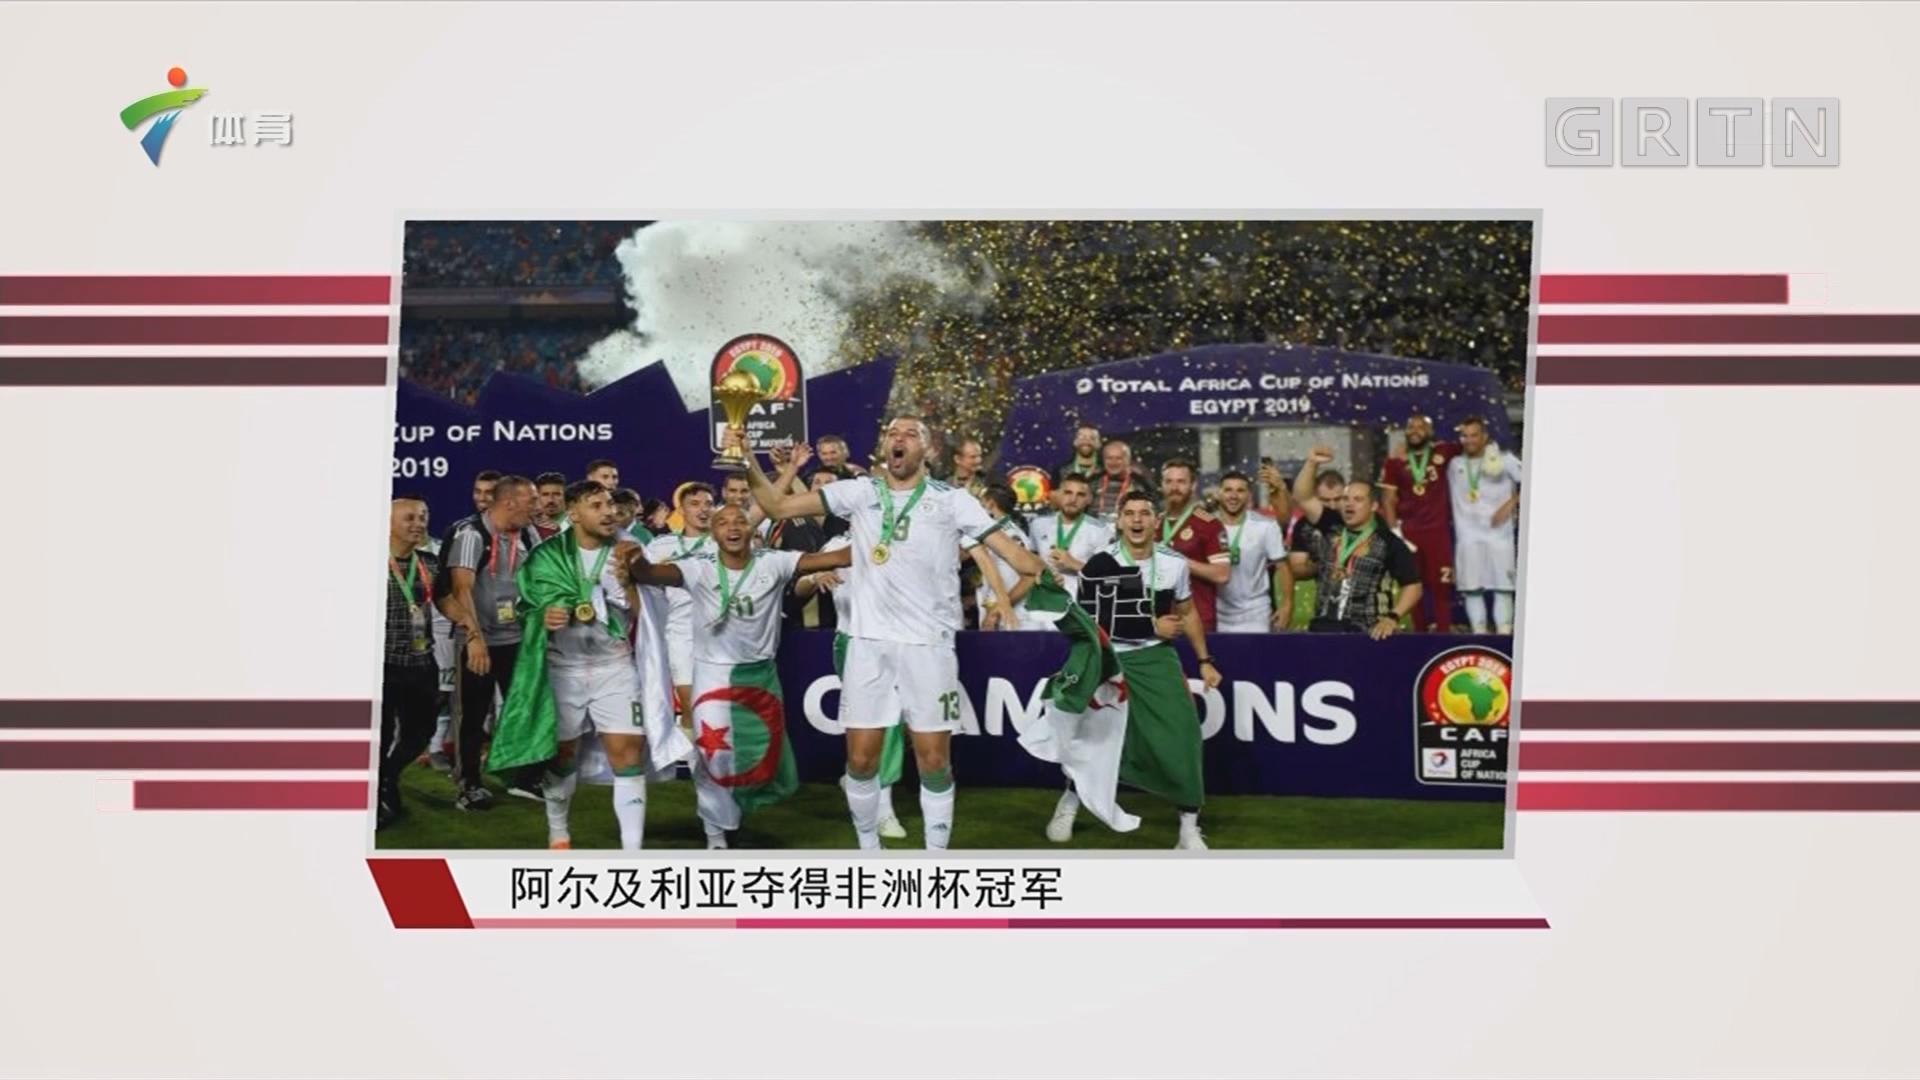 阿尔及利亚夺得非洲杯冠军